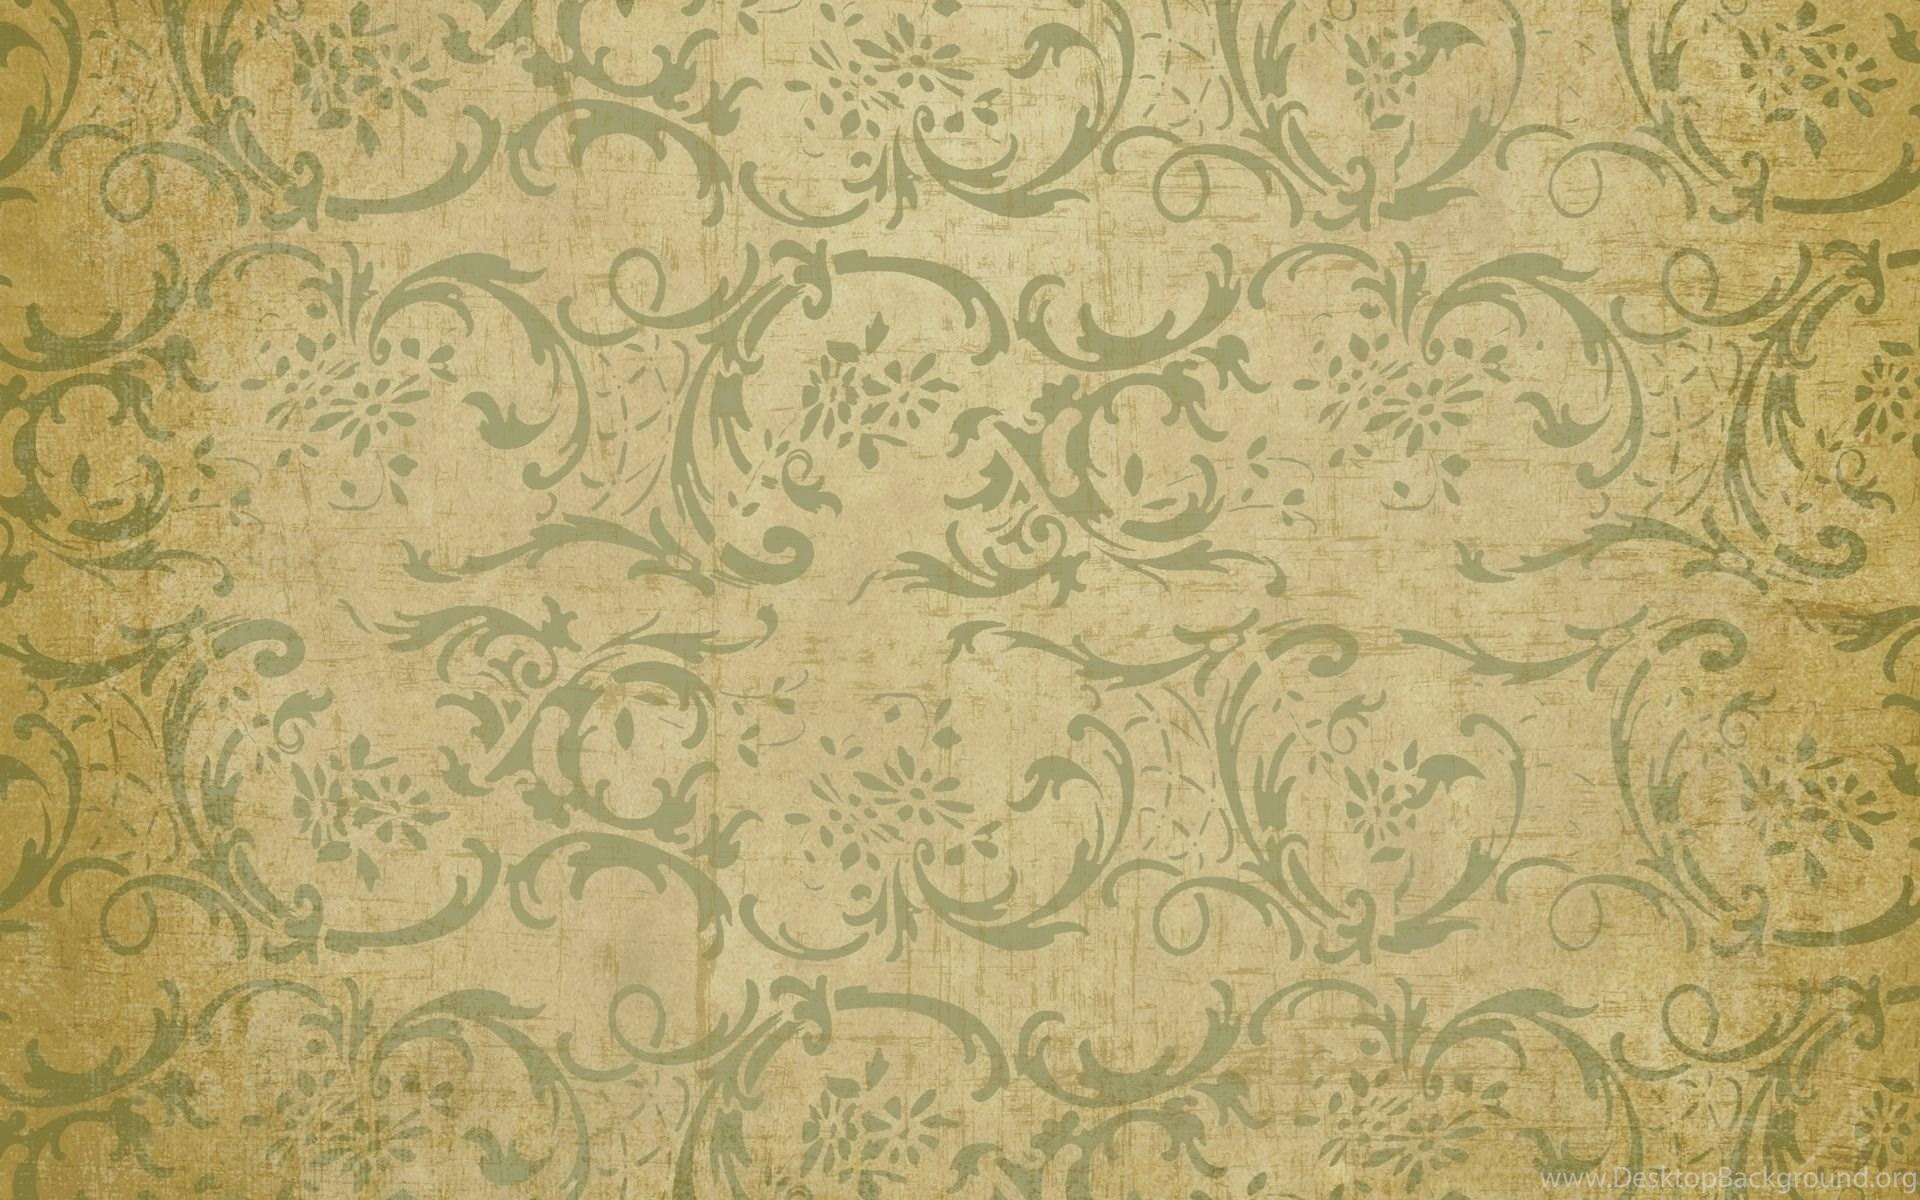 Vintage Wallpapers Patterns Desktop Background